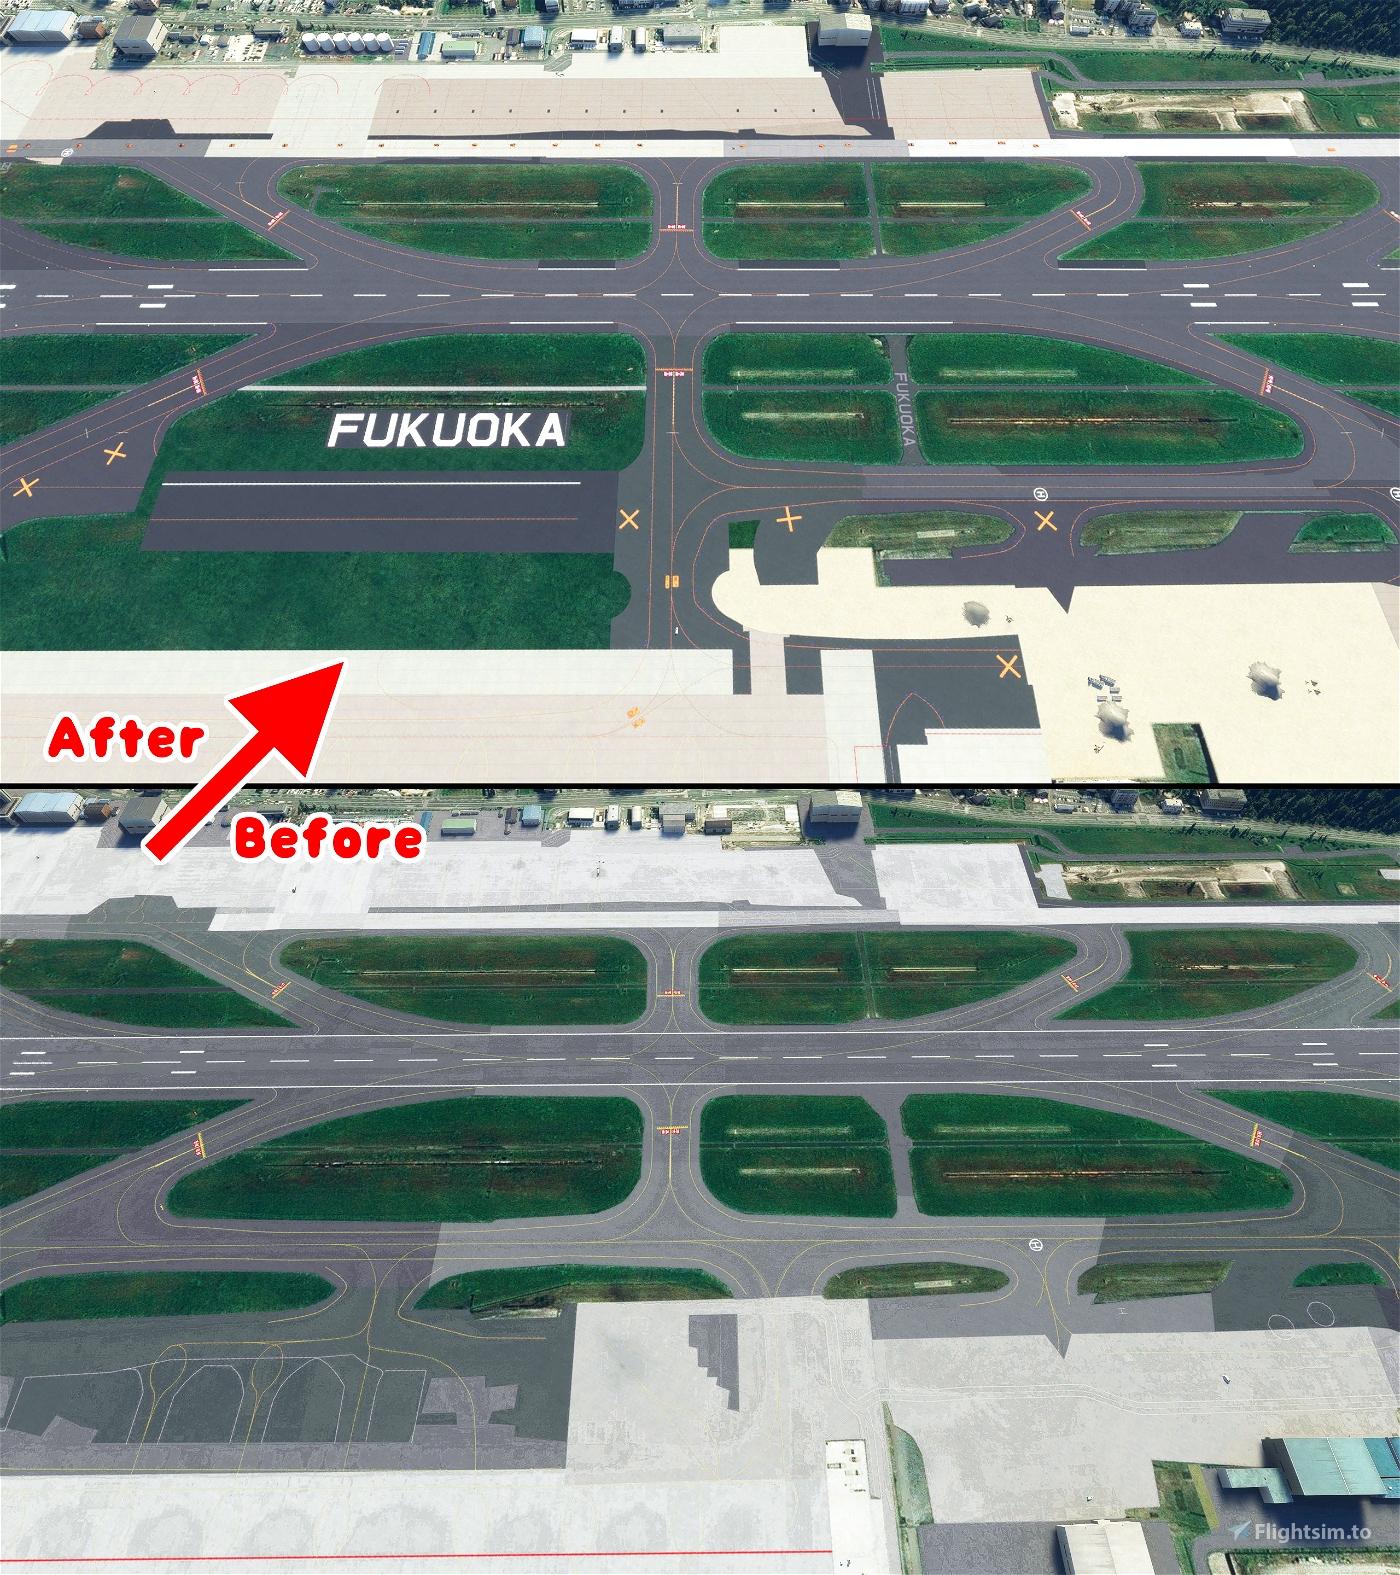 [RJFF] Fukuoka Airport